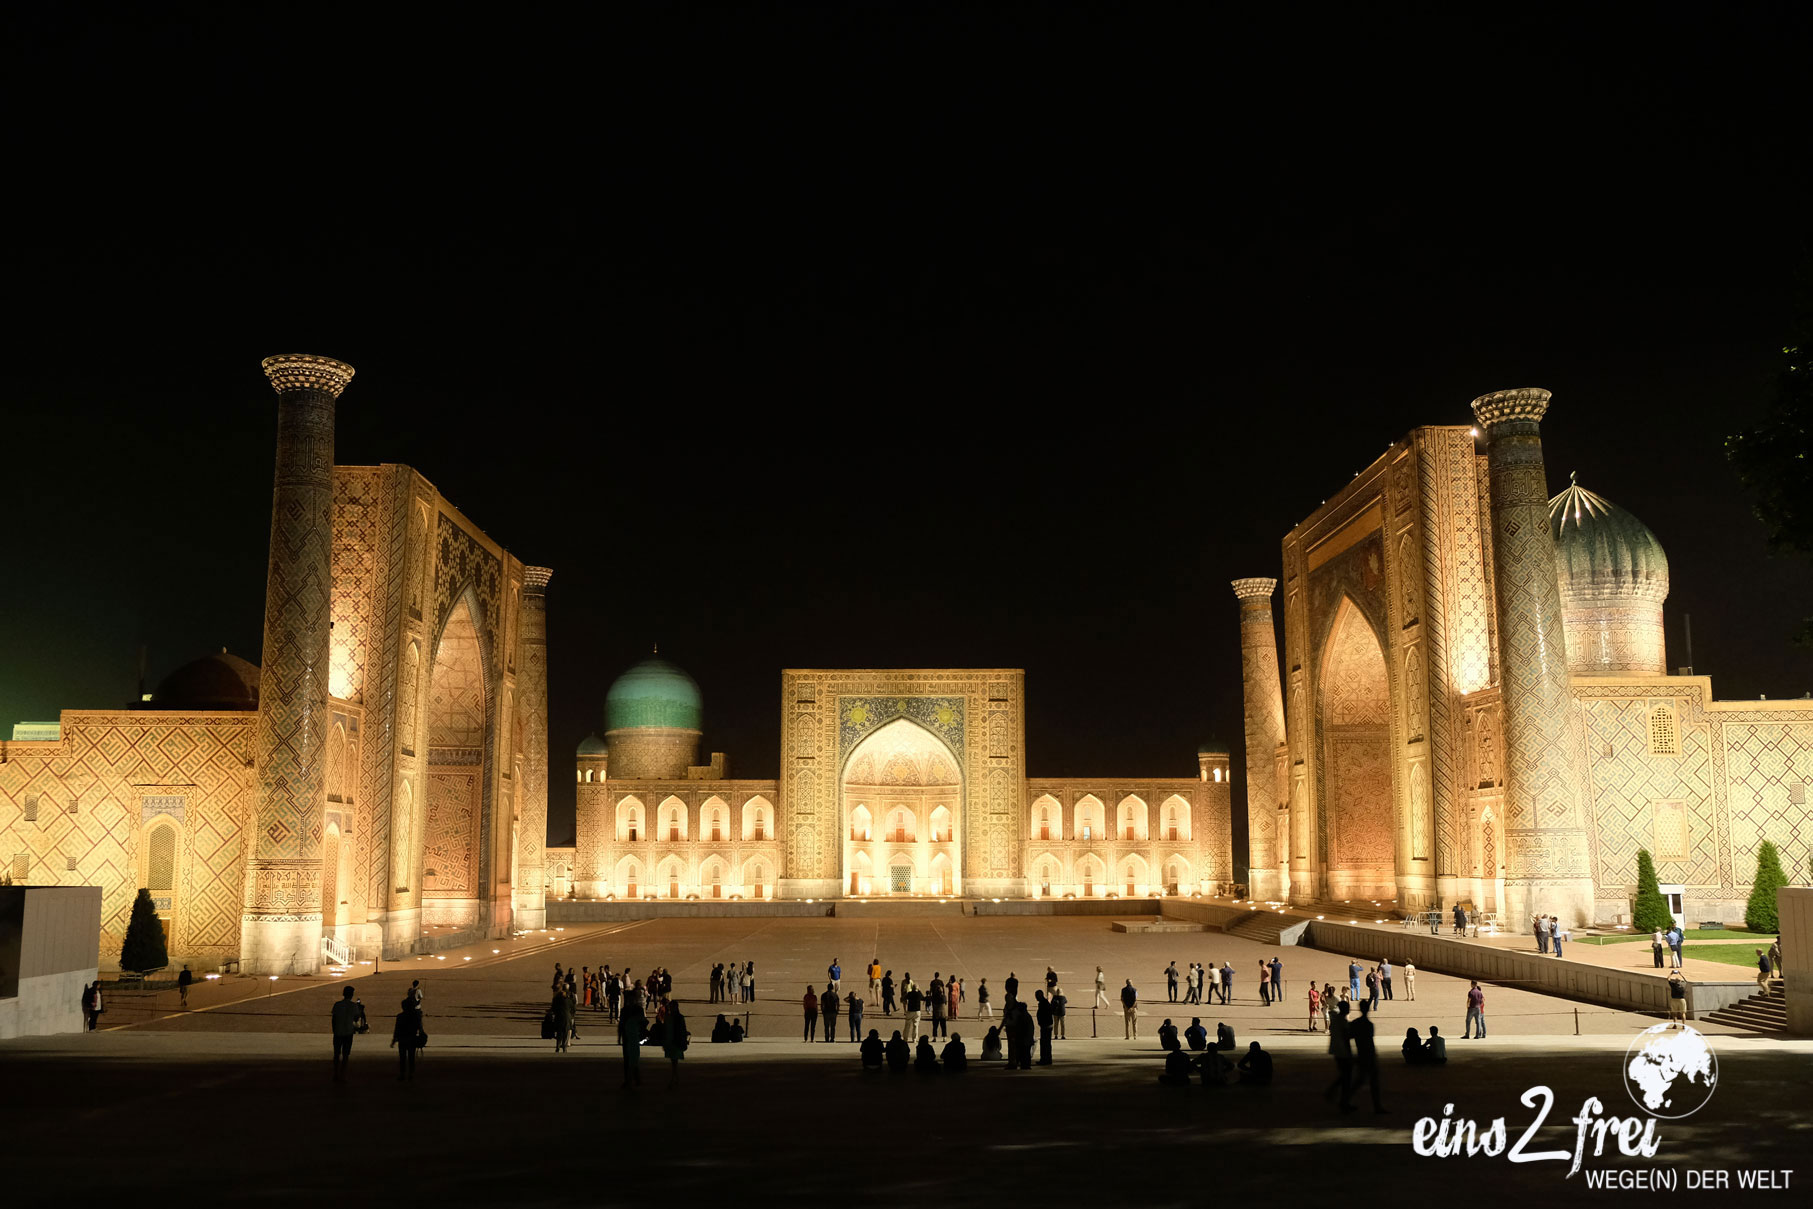 """Unser liebstes Bild in der Kategorie """"Nachtaufnahme"""": Registan. Samarkand, Usbekistan. Mai 2017."""